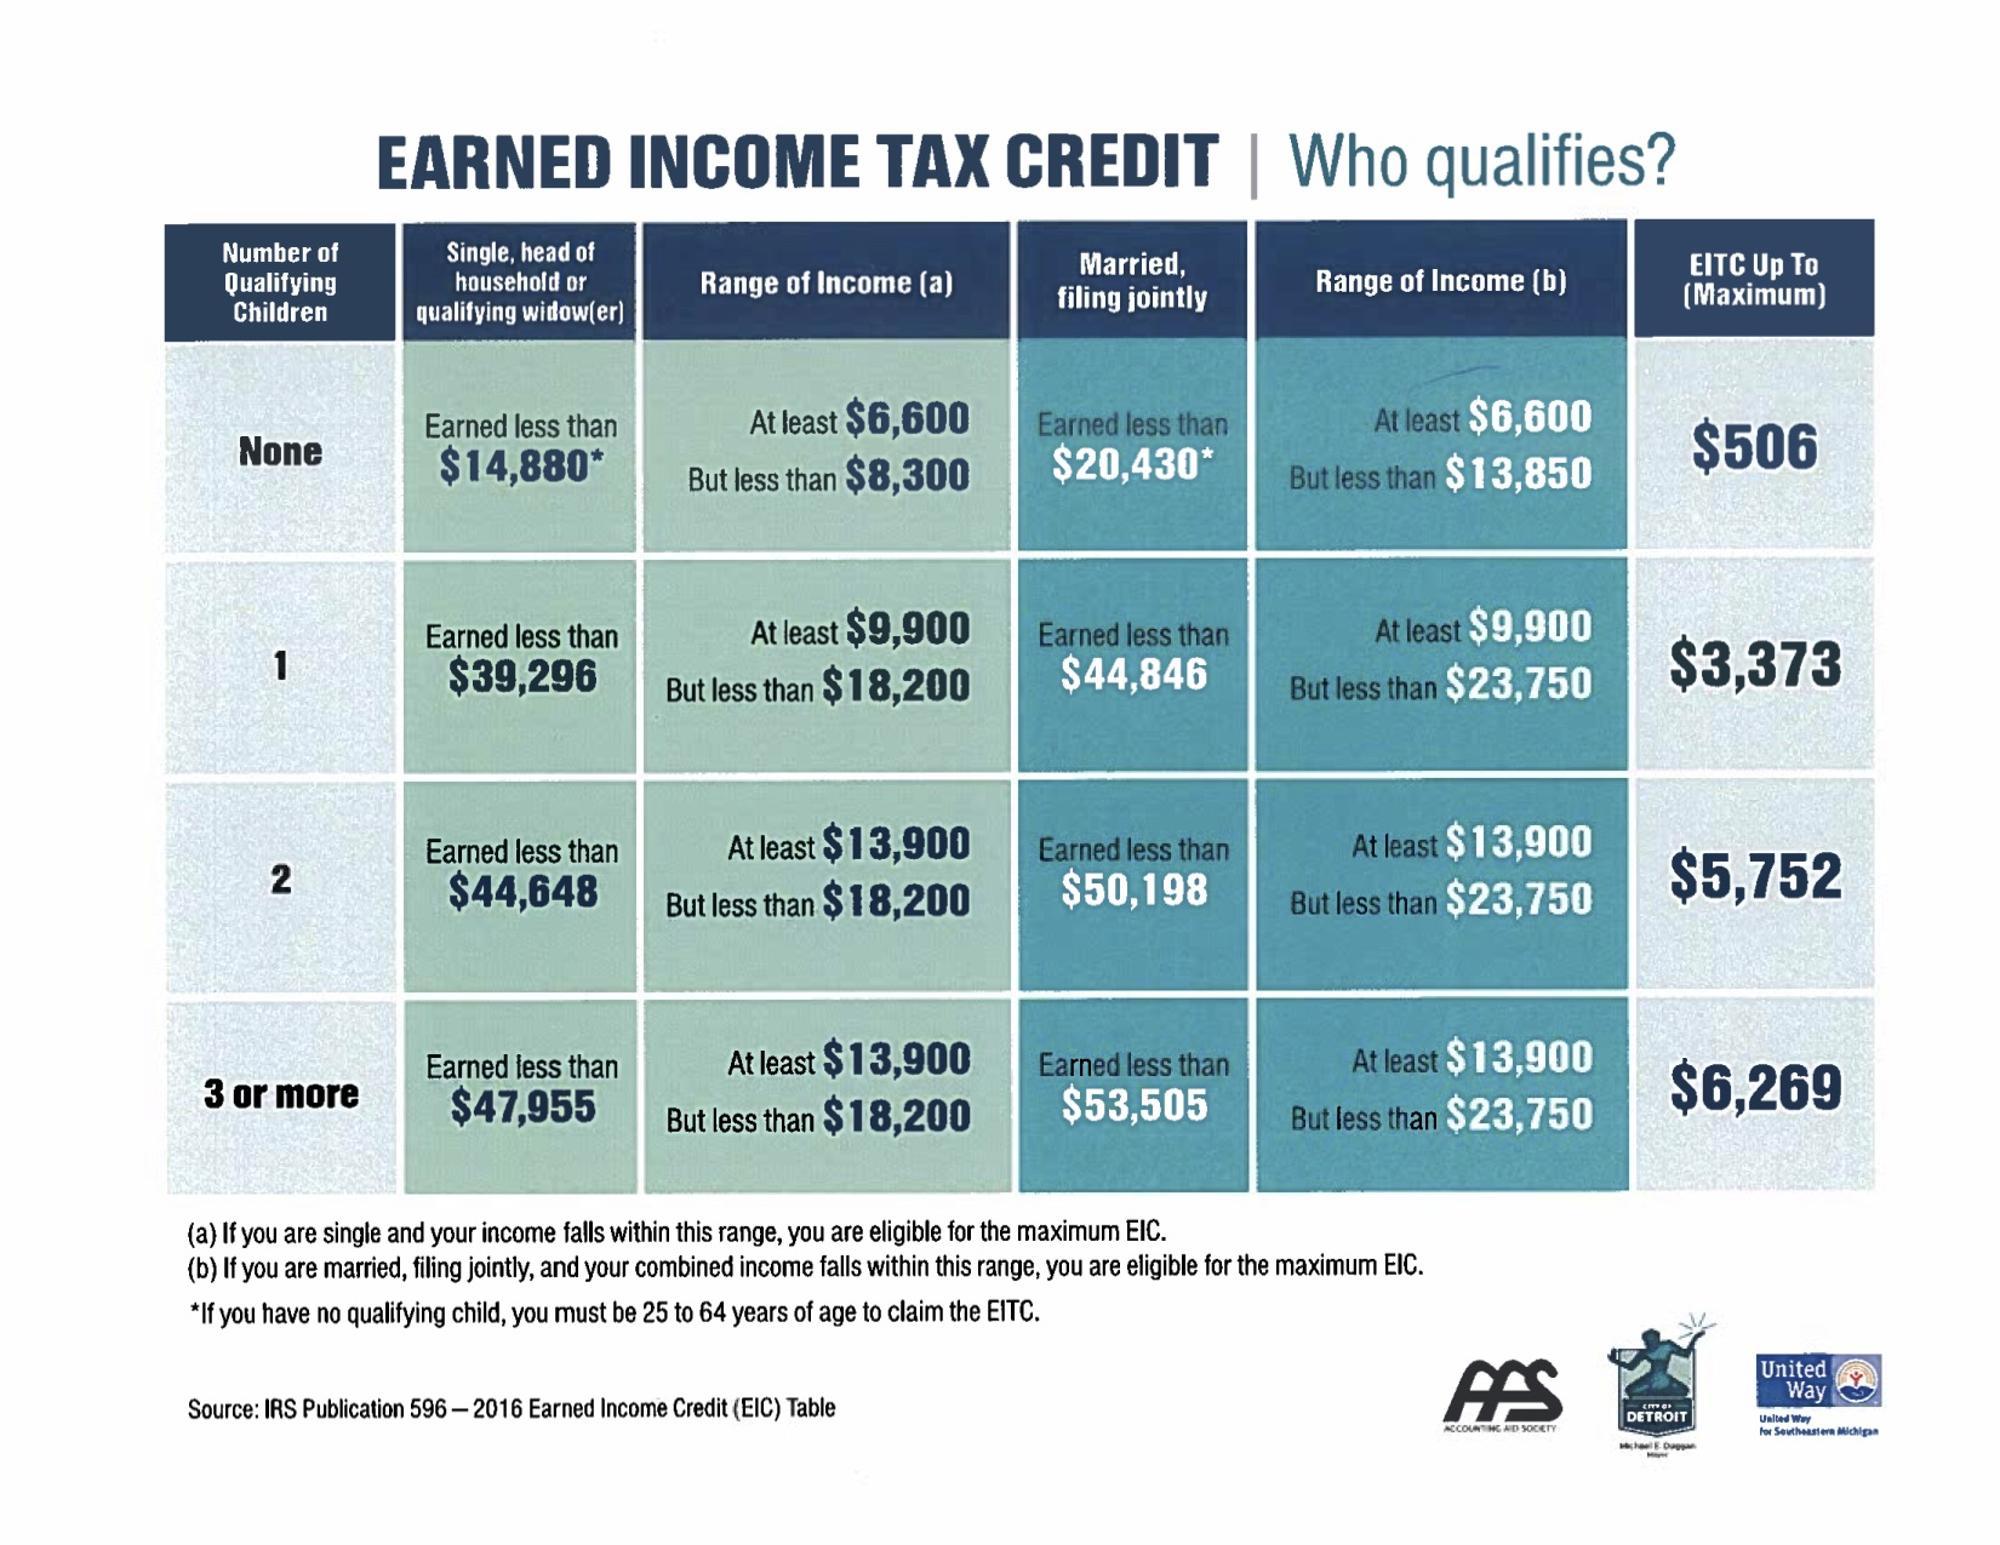 Worksheets 1040ez Earned Income Credit Worksheet income credit worksheet earned worksheet